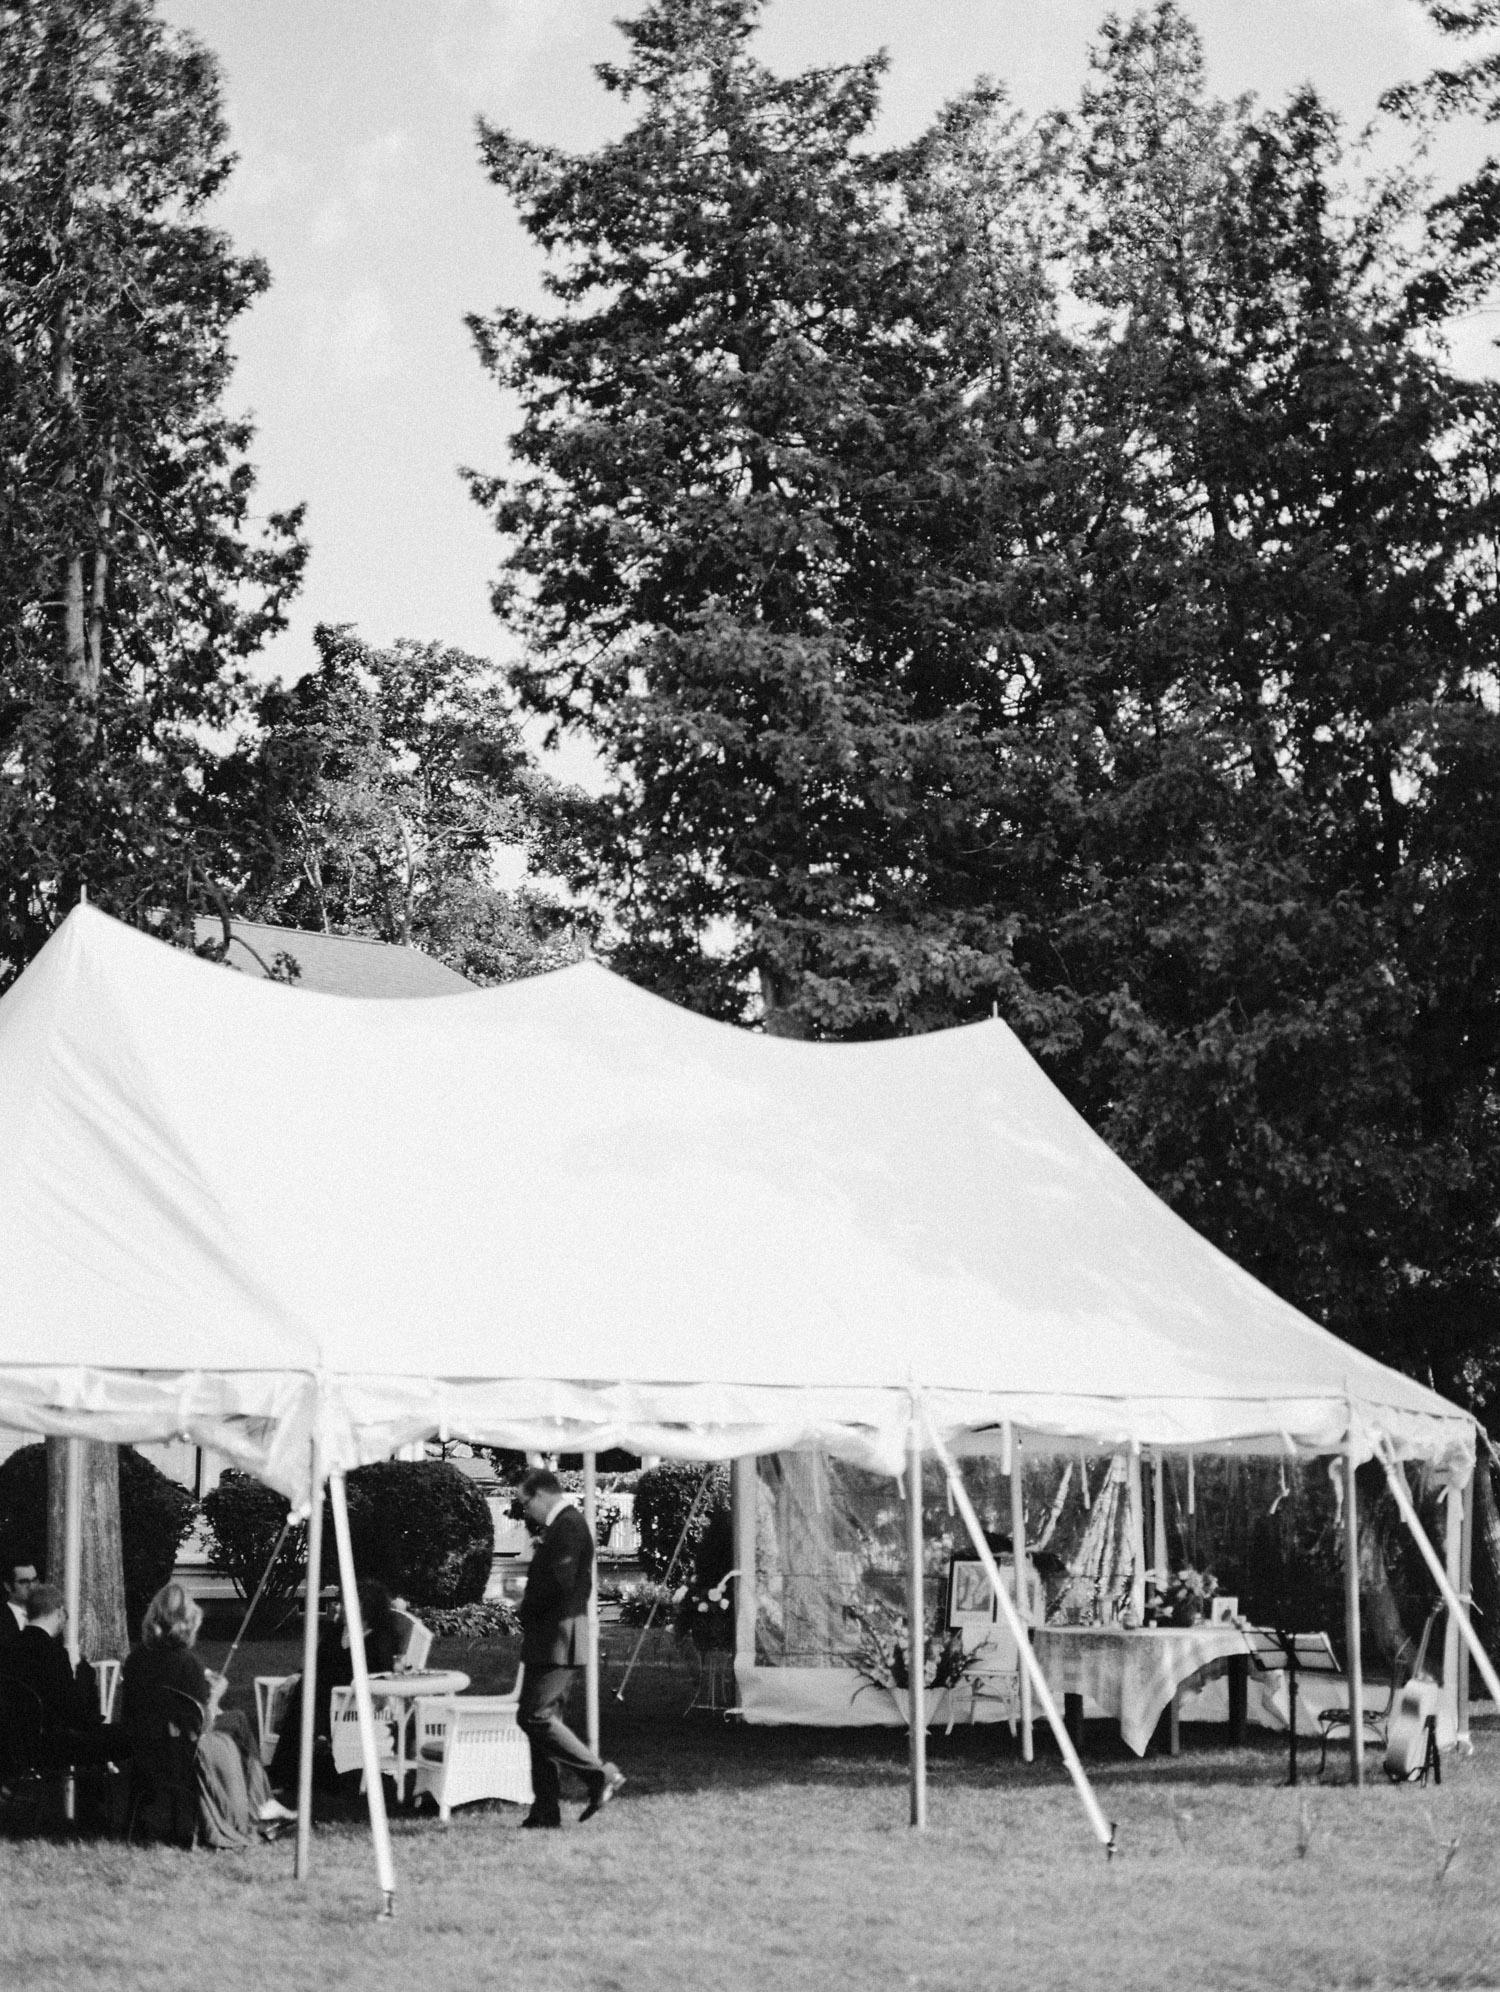 A sailcloth tent at a Petoskey, Michigan wedding